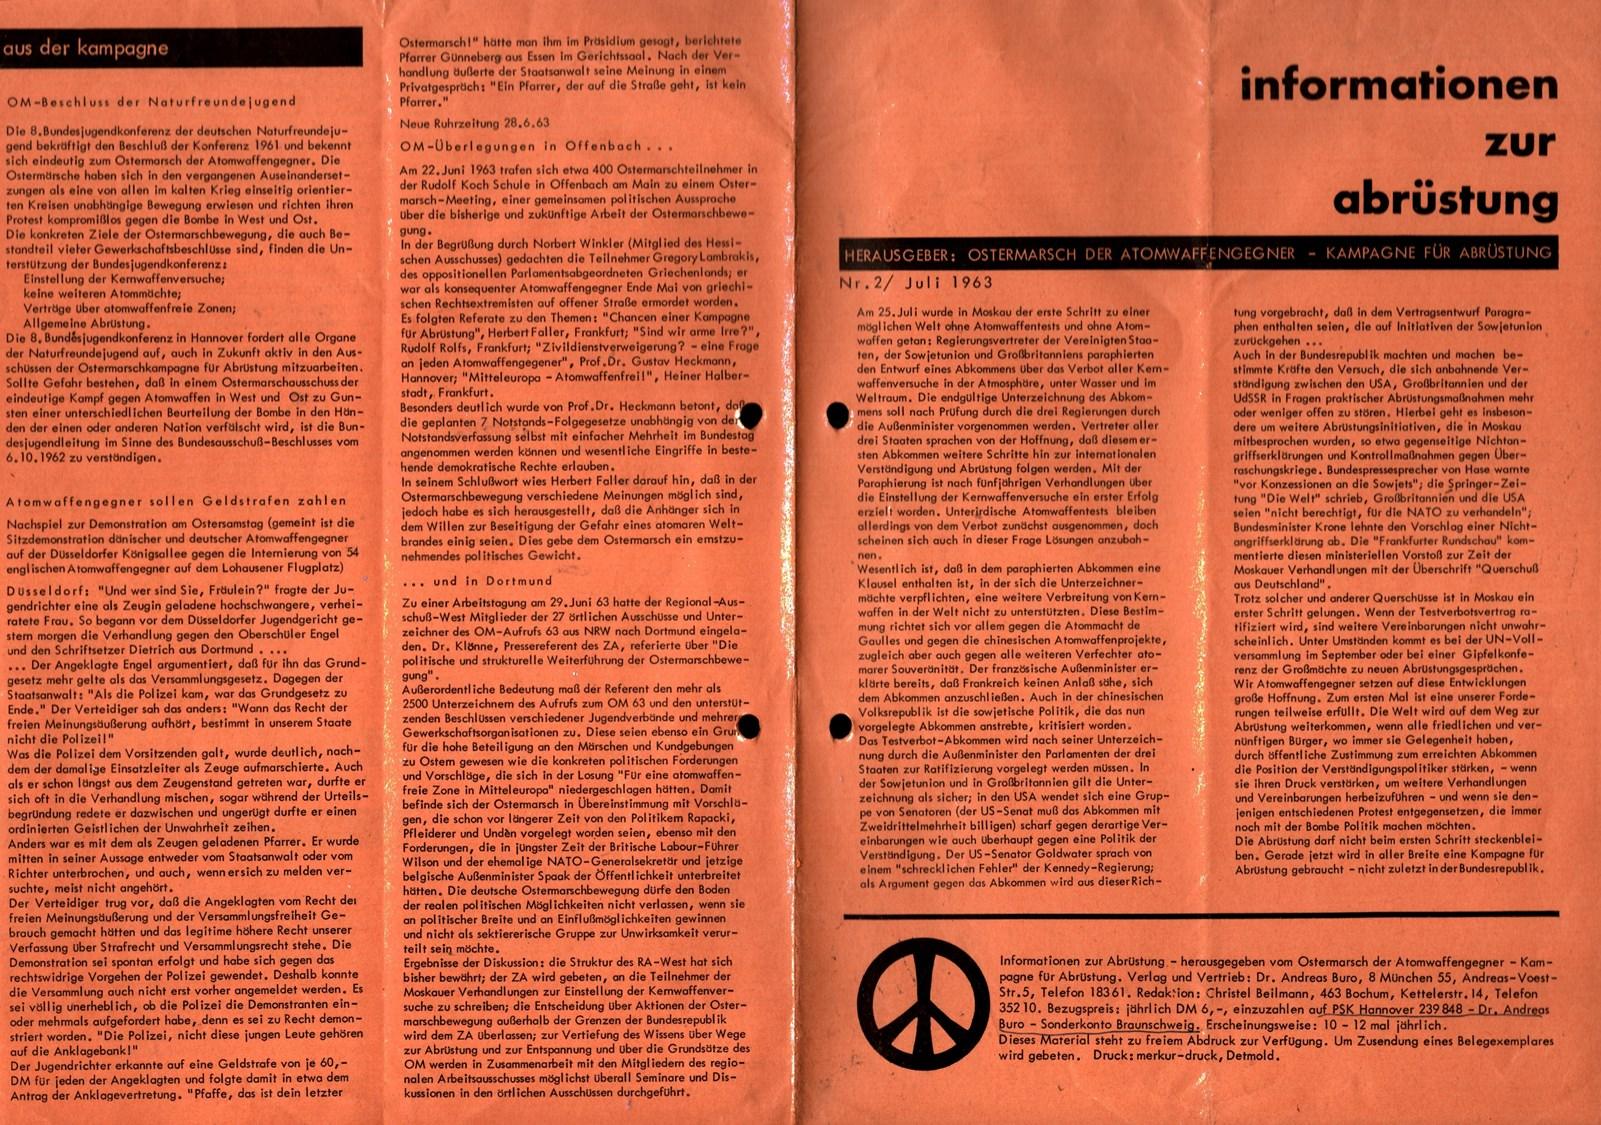 Infos_zur_Abruestung_1963_002_001